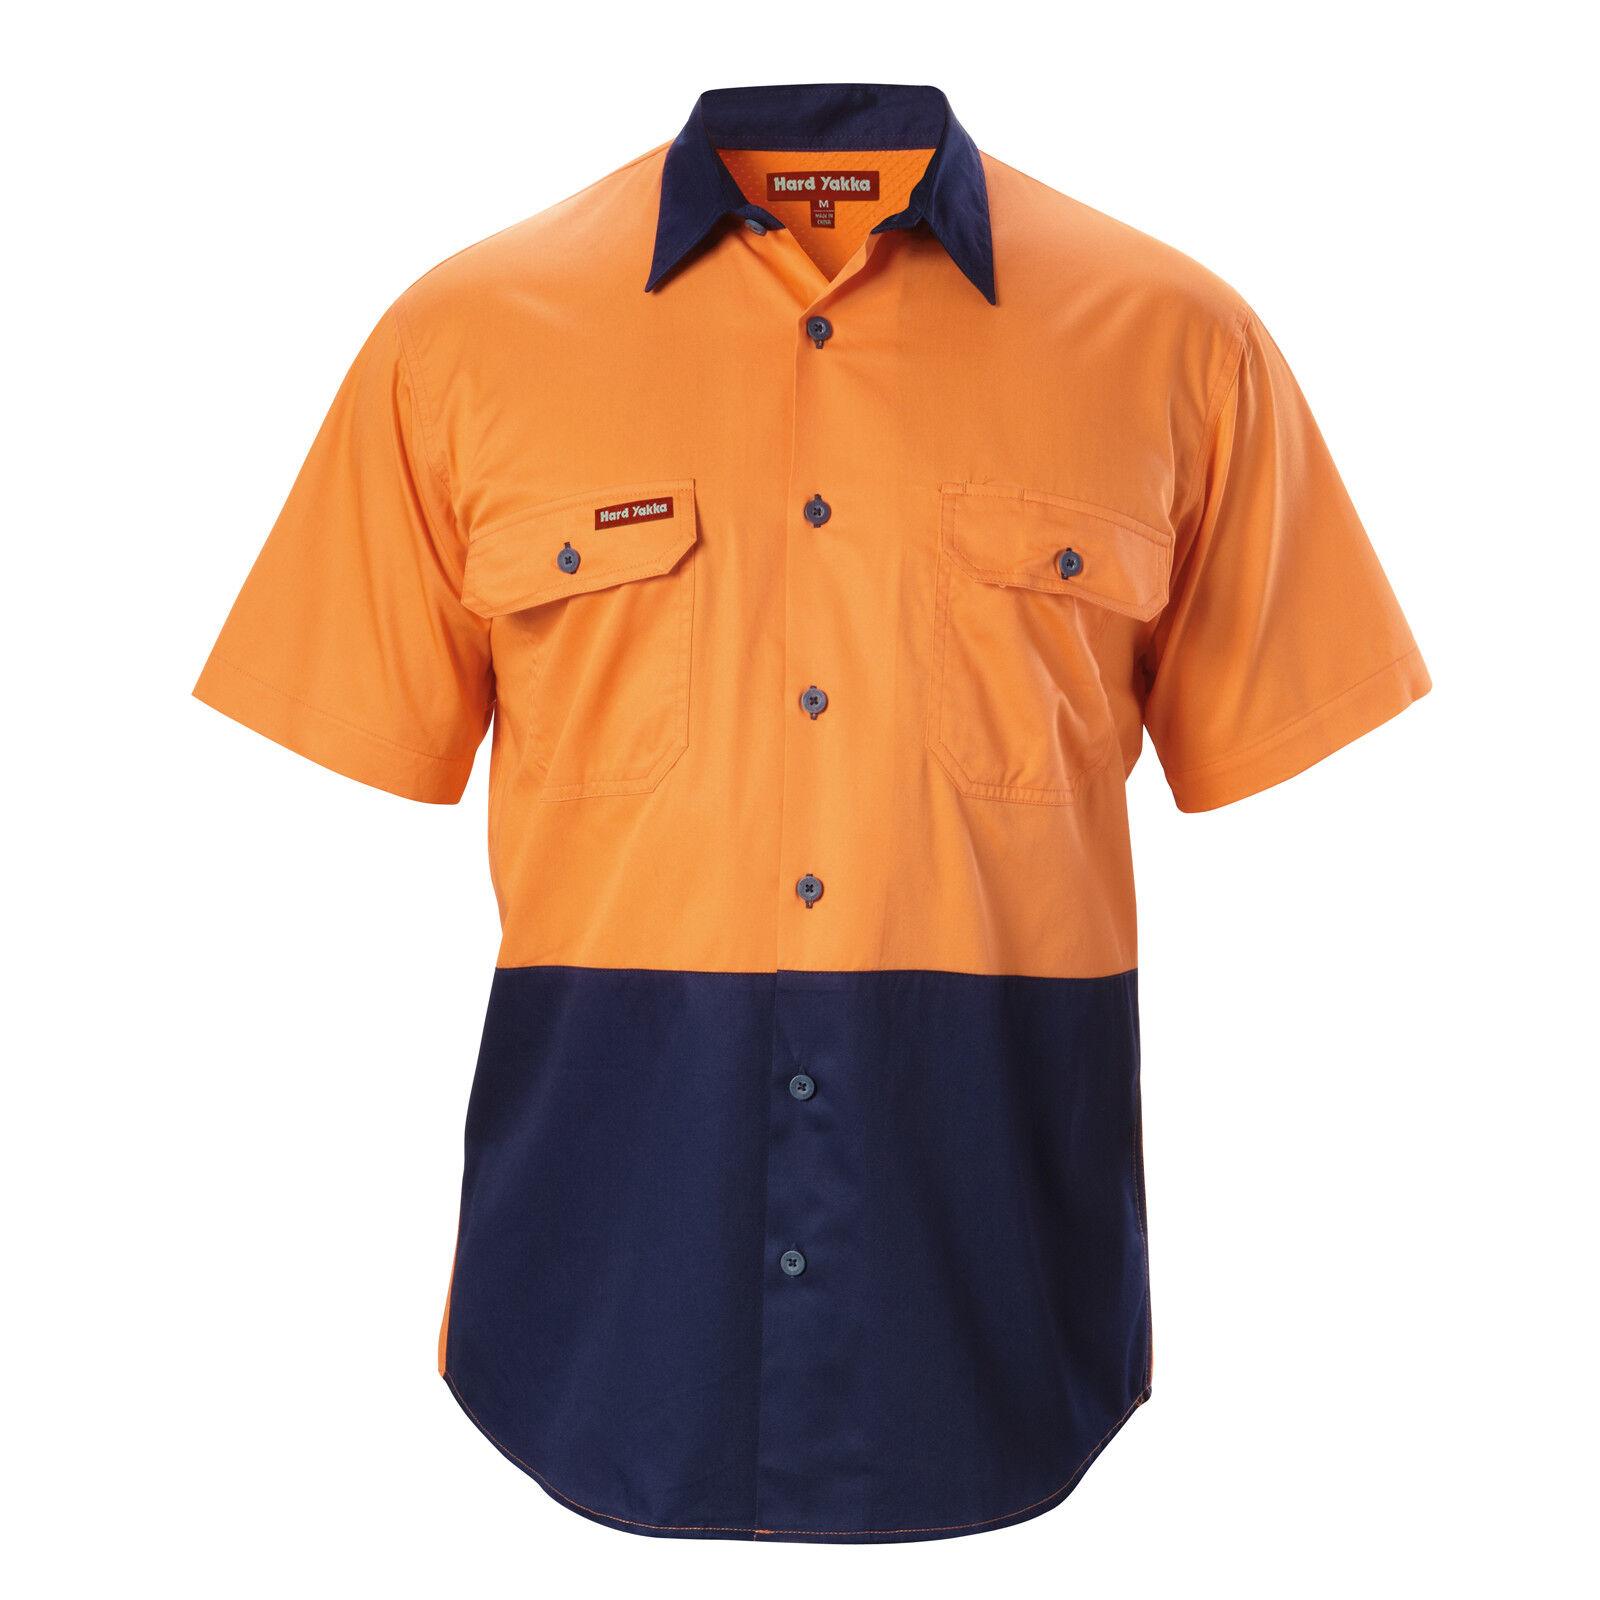 Hard Yakka KOOLGEAR SHORT SLEEVE SHIRT orange Navy - Size 2XL, 3XL, 4XL Or 5XL